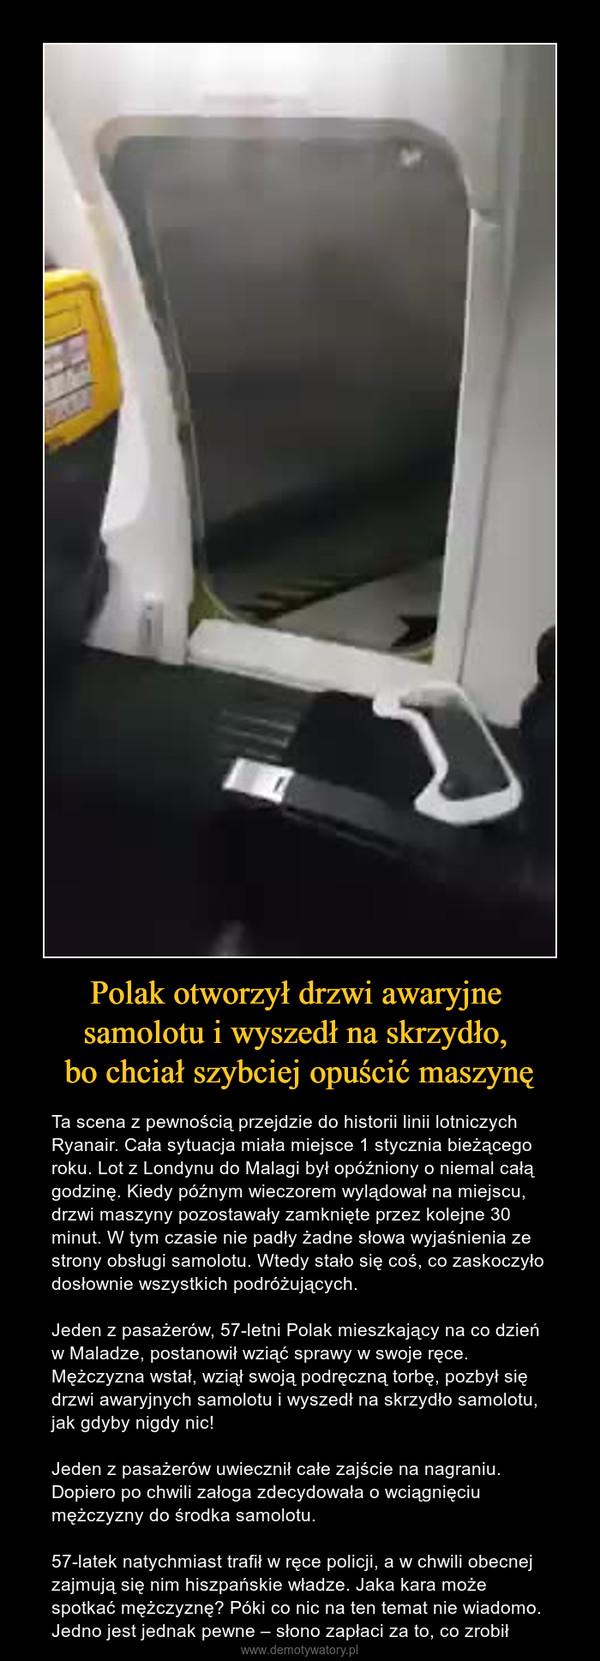 Polak otworzył drzwi awaryjne samolotu i wyszedł na skrzydło, bo chciał szybciej opuścić maszynę – Ta scena z pewnością przejdzie do historii linii lotniczych Ryanair. Cała sytuacja miała miejsce 1 stycznia bieżącego roku. Lot z Londynu do Malagi był opóźniony o niemal całą godzinę. Kiedy późnym wieczorem wylądował na miejscu, drzwi maszyny pozostawały zamknięte przez kolejne 30 minut. W tym czasie nie padły żadne słowa wyjaśnienia ze strony obsługi samolotu. Wtedy stało się coś, co zaskoczyło dosłownie wszystkich podróżujących.Jeden z pasażerów, 57-letni Polak mieszkający na co dzień w Maladze, postanowił wziąć sprawy w swoje ręce. Mężczyzna wstał, wziął swoją podręczną torbę, pozbył się drzwi awaryjnych samolotu i wyszedł na skrzydło samolotu, jak gdyby nigdy nic!Jeden z pasażerów uwiecznił całe zajście na nagraniu. Dopiero po chwili załoga zdecydowała o wciągnięciu mężczyzny do środka samolotu.57-latek natychmiast trafił w ręce policji, a w chwili obecnej zajmują się nim hiszpańskie władze. Jaka kara może spotkać mężczyznę? Póki co nic na ten temat nie wiadomo. Jedno jest jednak pewne – słono zapłaci za to, co zrobił